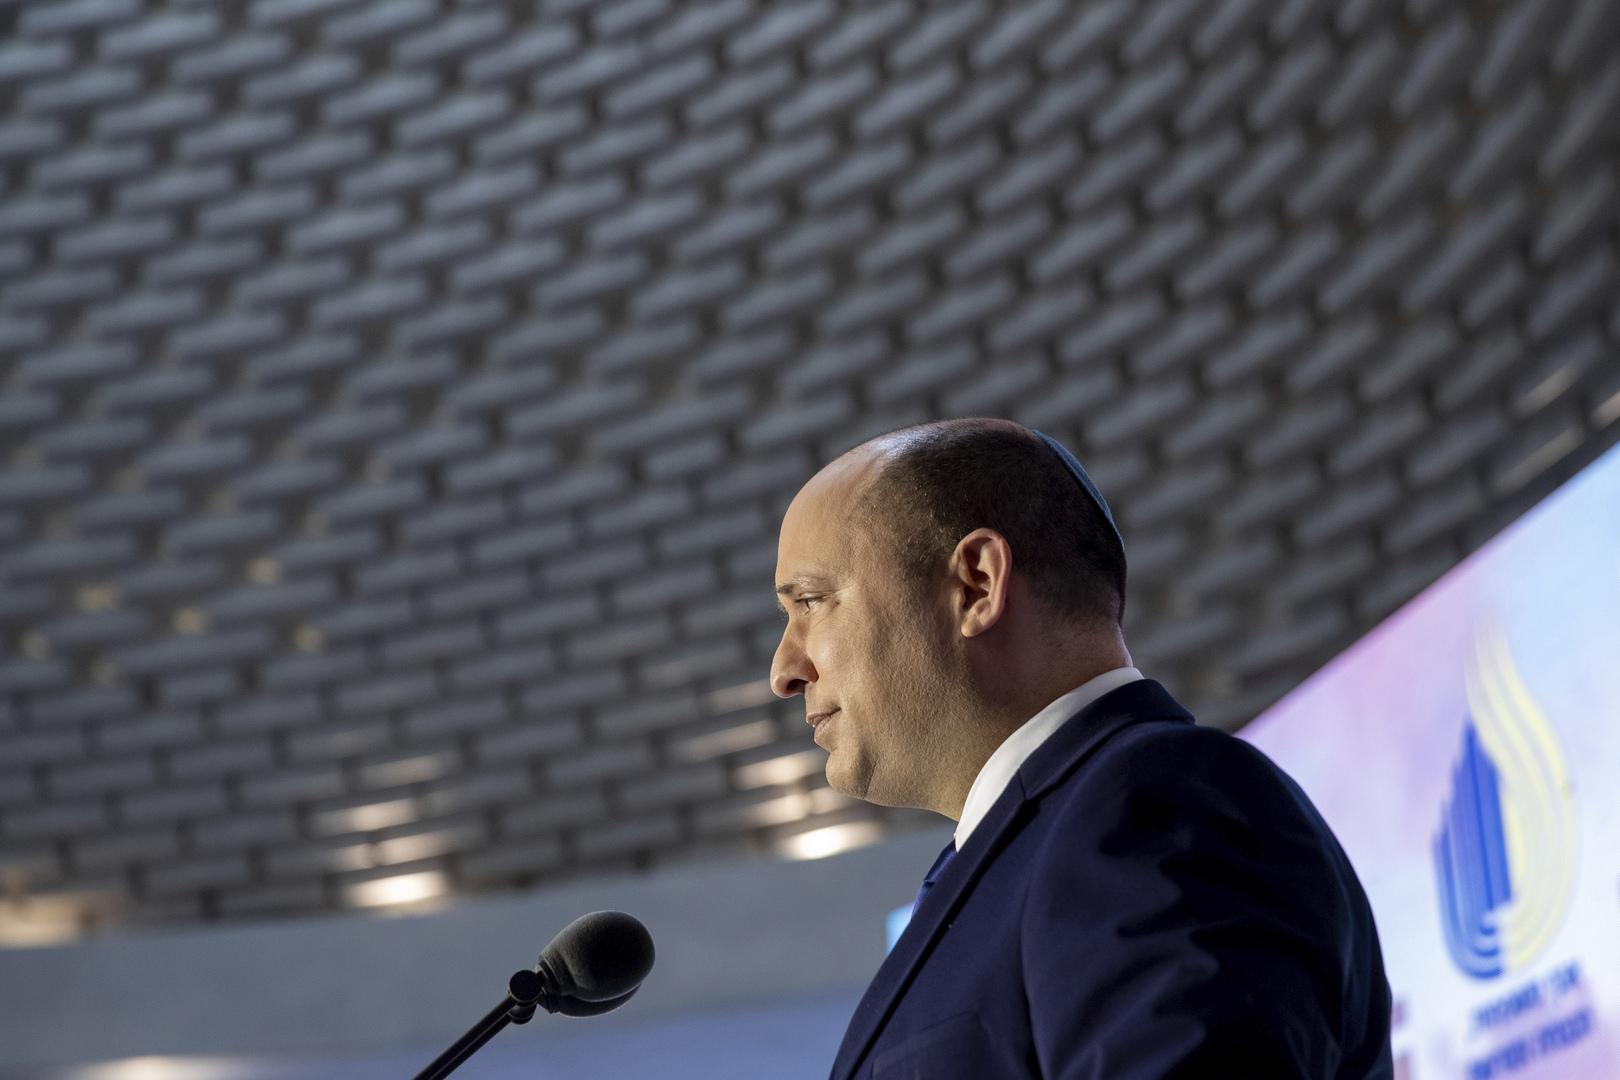 رئيس الوزراء الإسرائيلي نفتالي بينيت